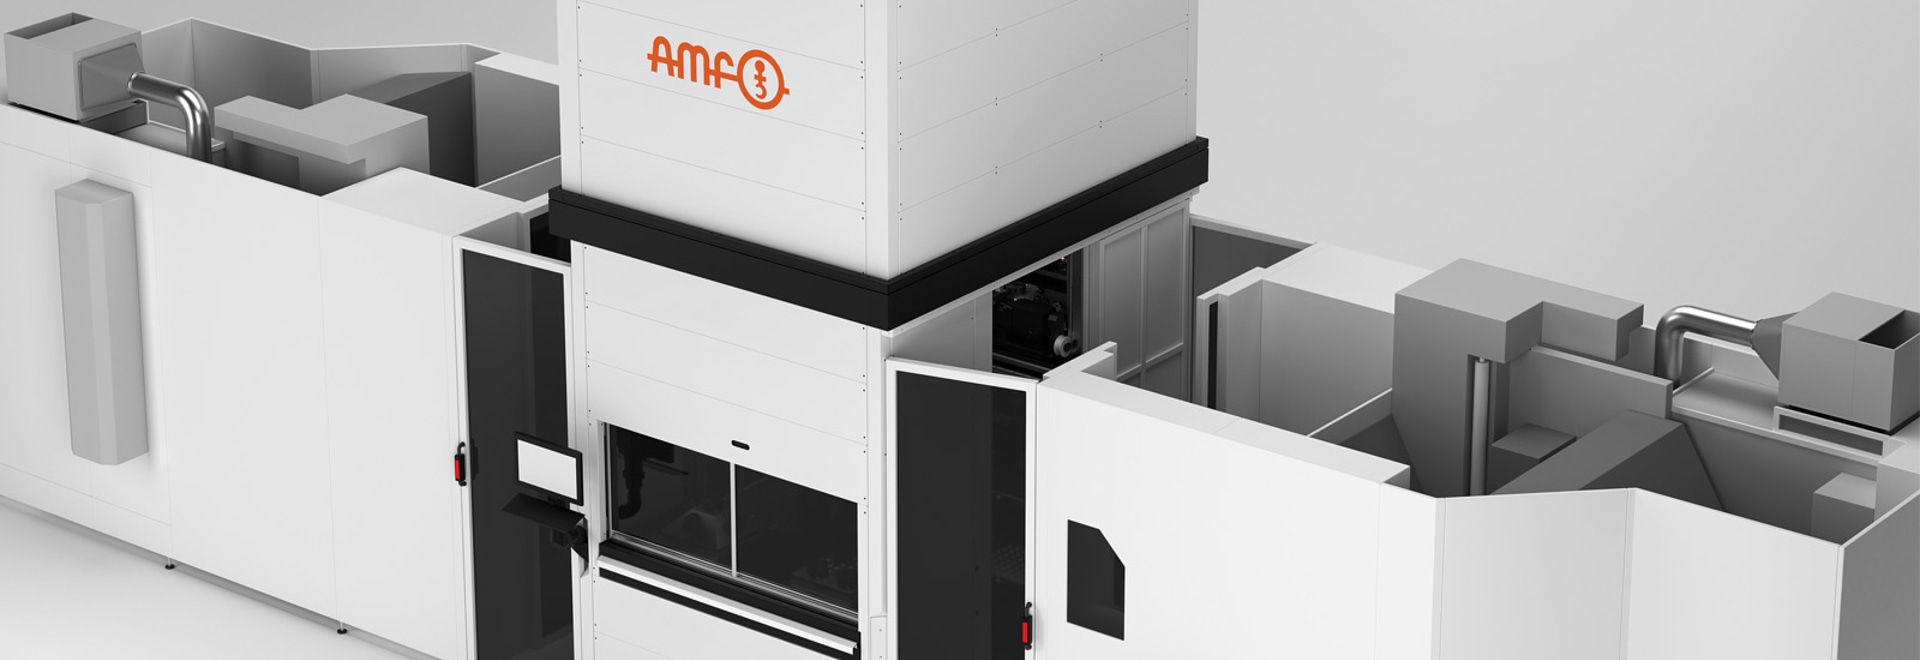 Durch die modulare und flexible Bauweise unserer AMF-Beladeeinheit kann die Palettierung der Werkzeugmaschine auf zwei Seiten erfolgen.